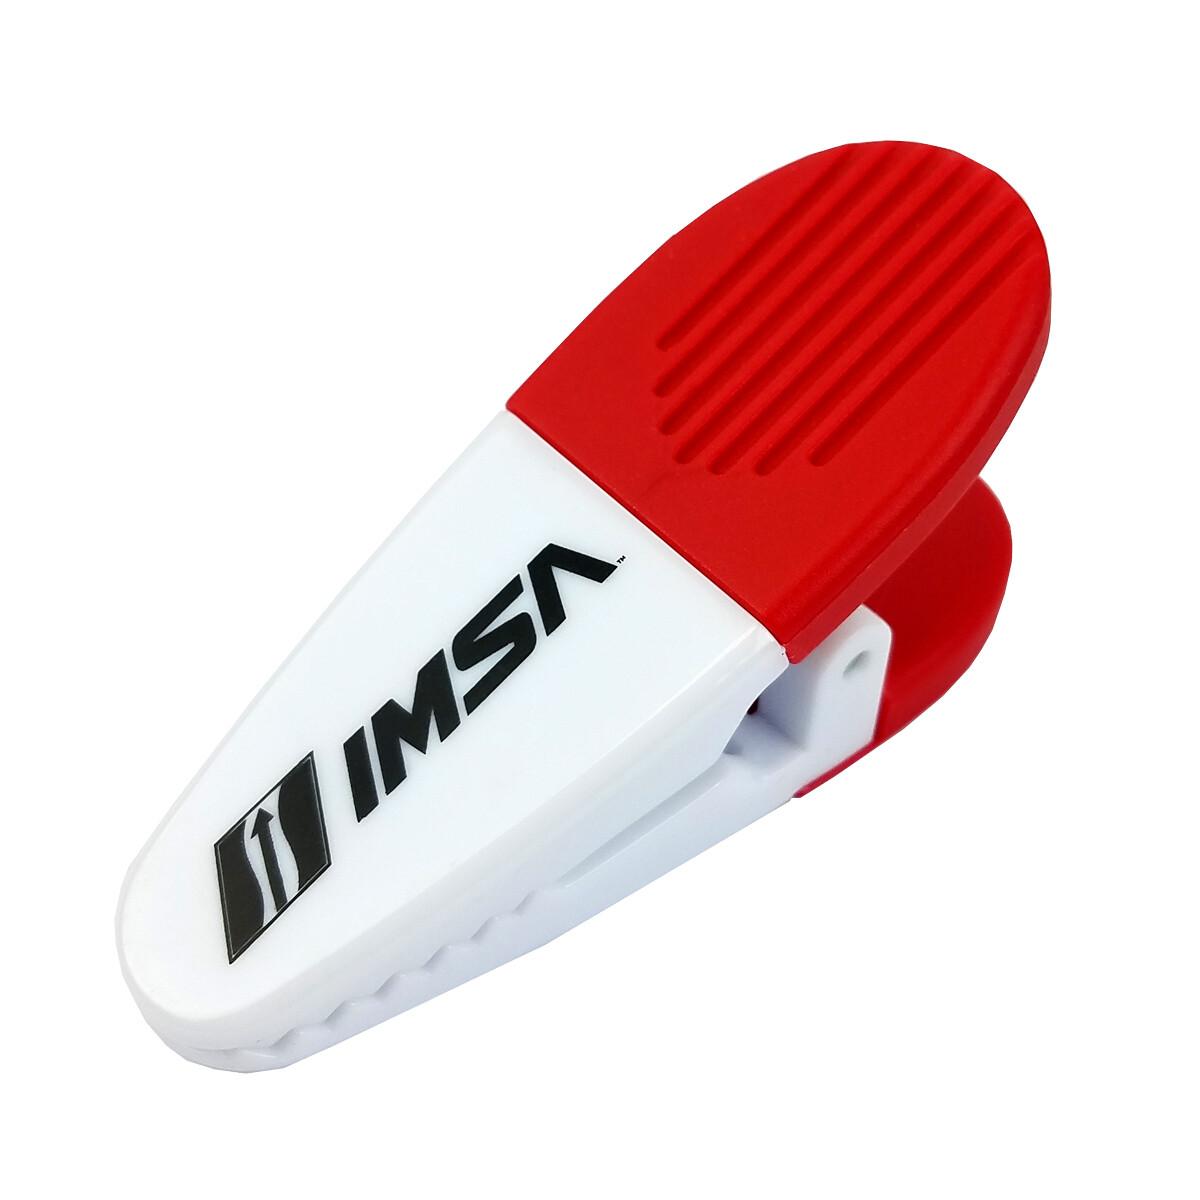 IMSA  Clip Magnet